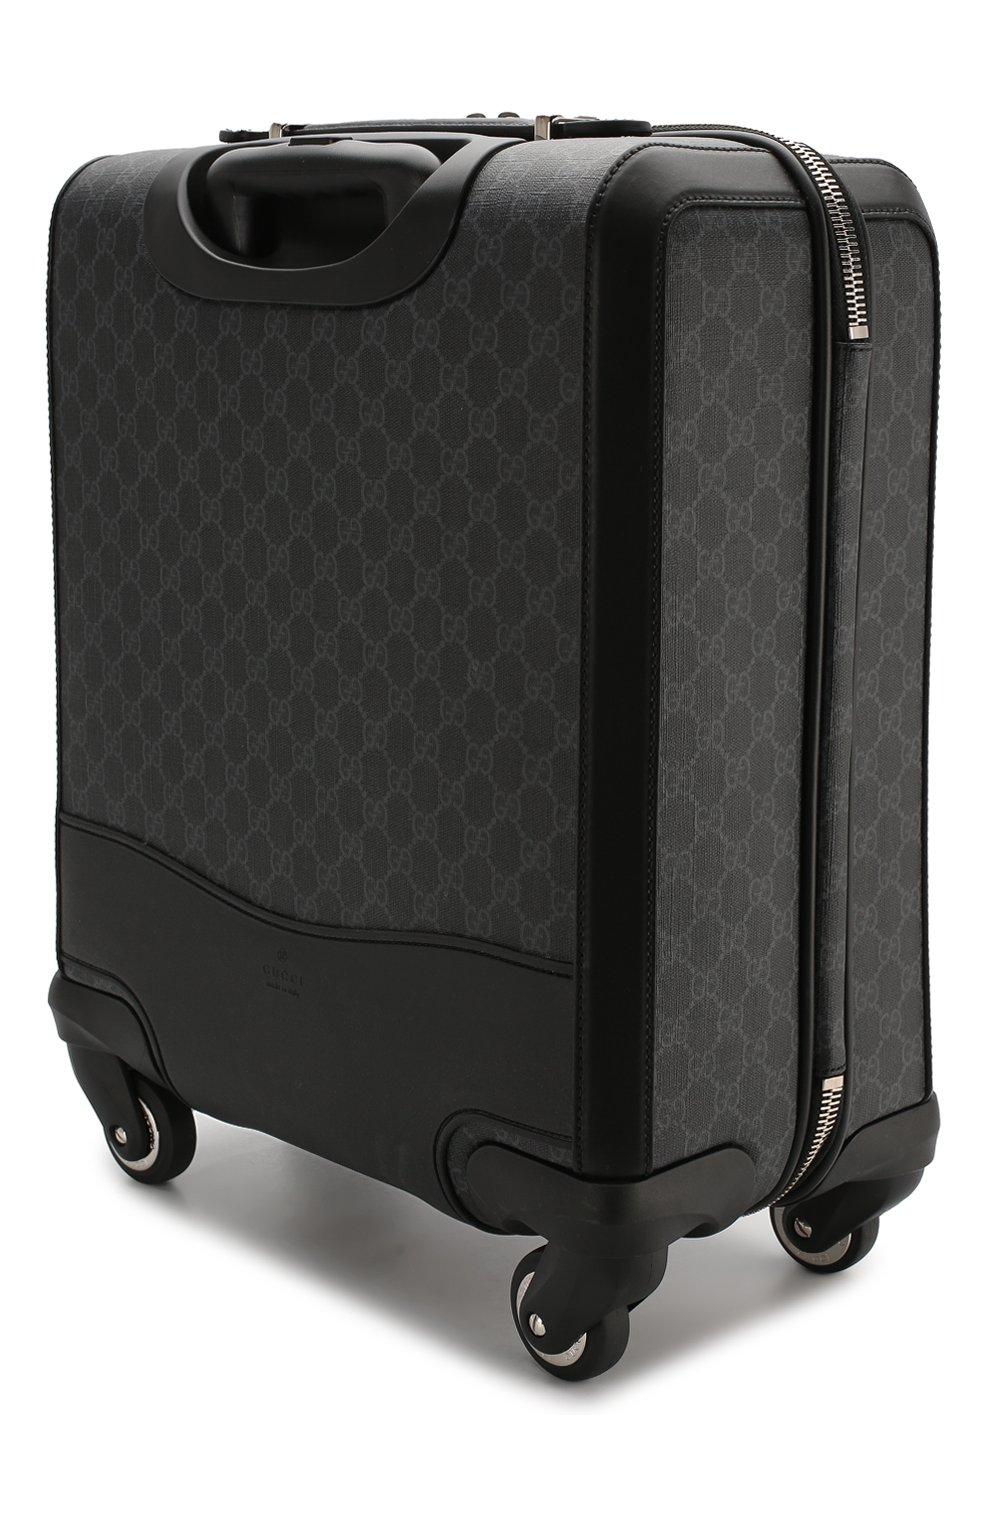 2660c7a4c9f0 мужской черный дорожный чемодан Gg Supreme на колесиках Gucci